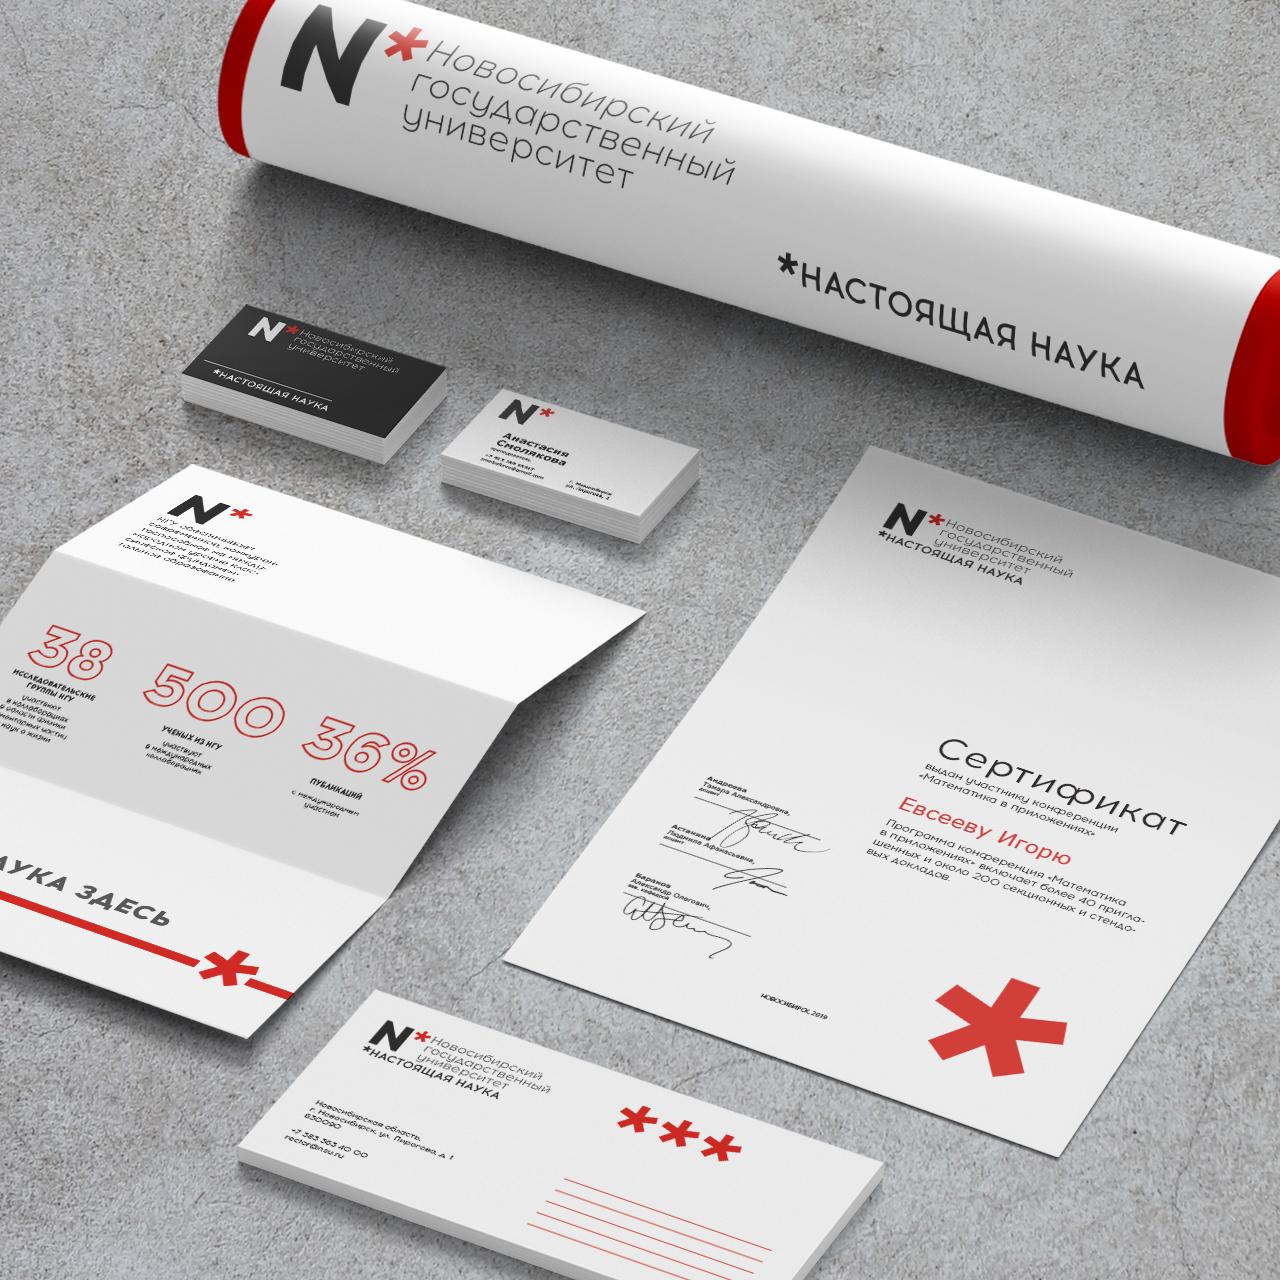 НГУ, логотип и фирменный стиль, на примере деловой документации